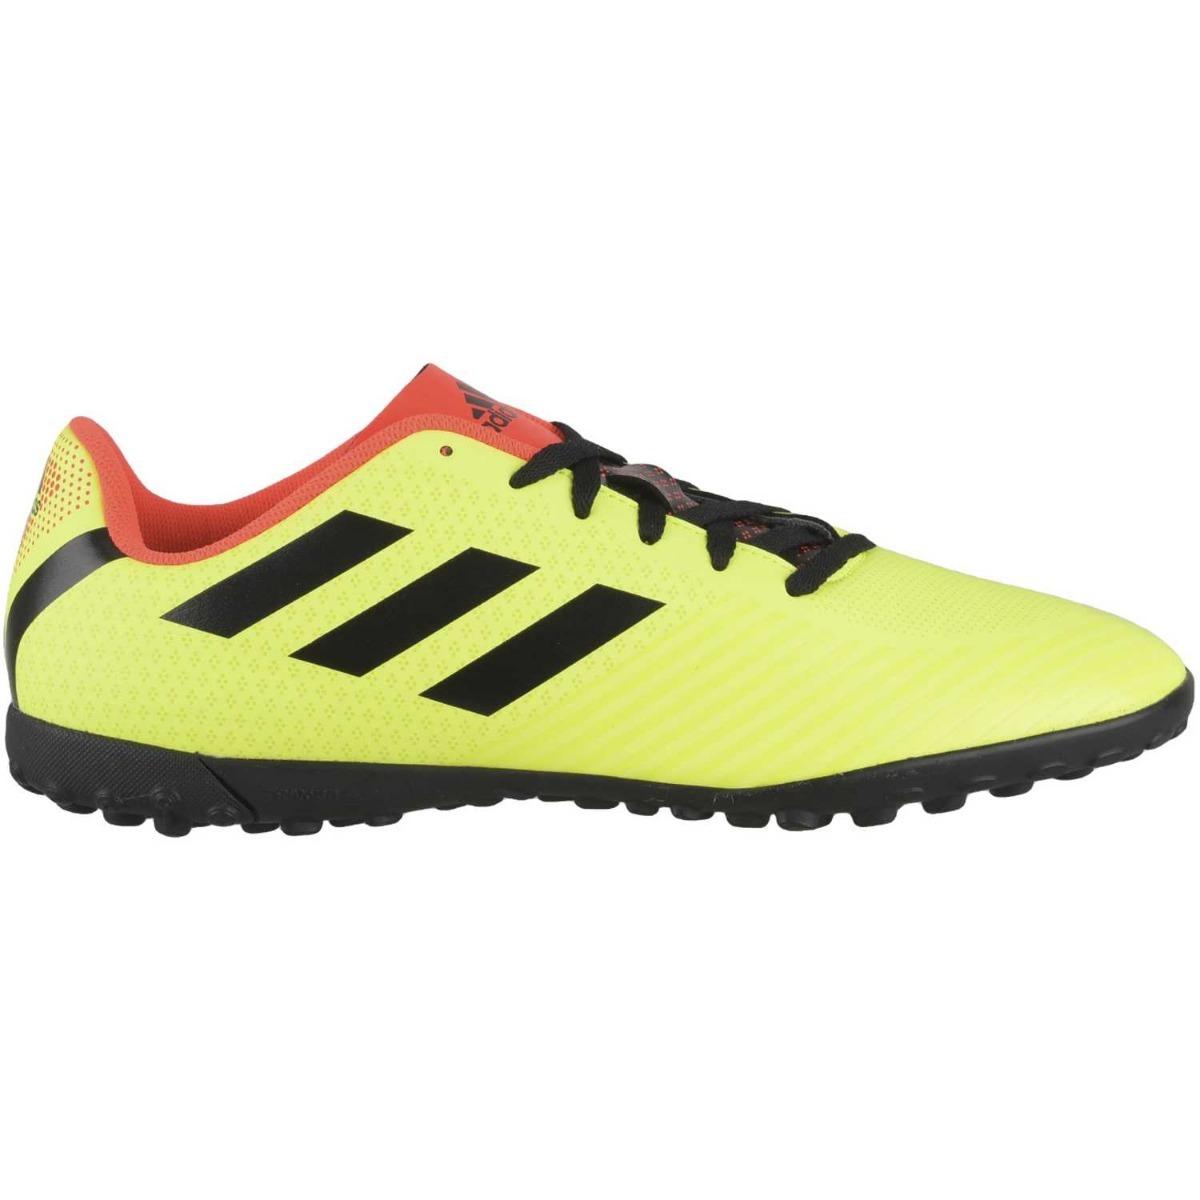 low priced f5cc9 3f5b1 zapatillas hombre adidas. Cargando zoom.